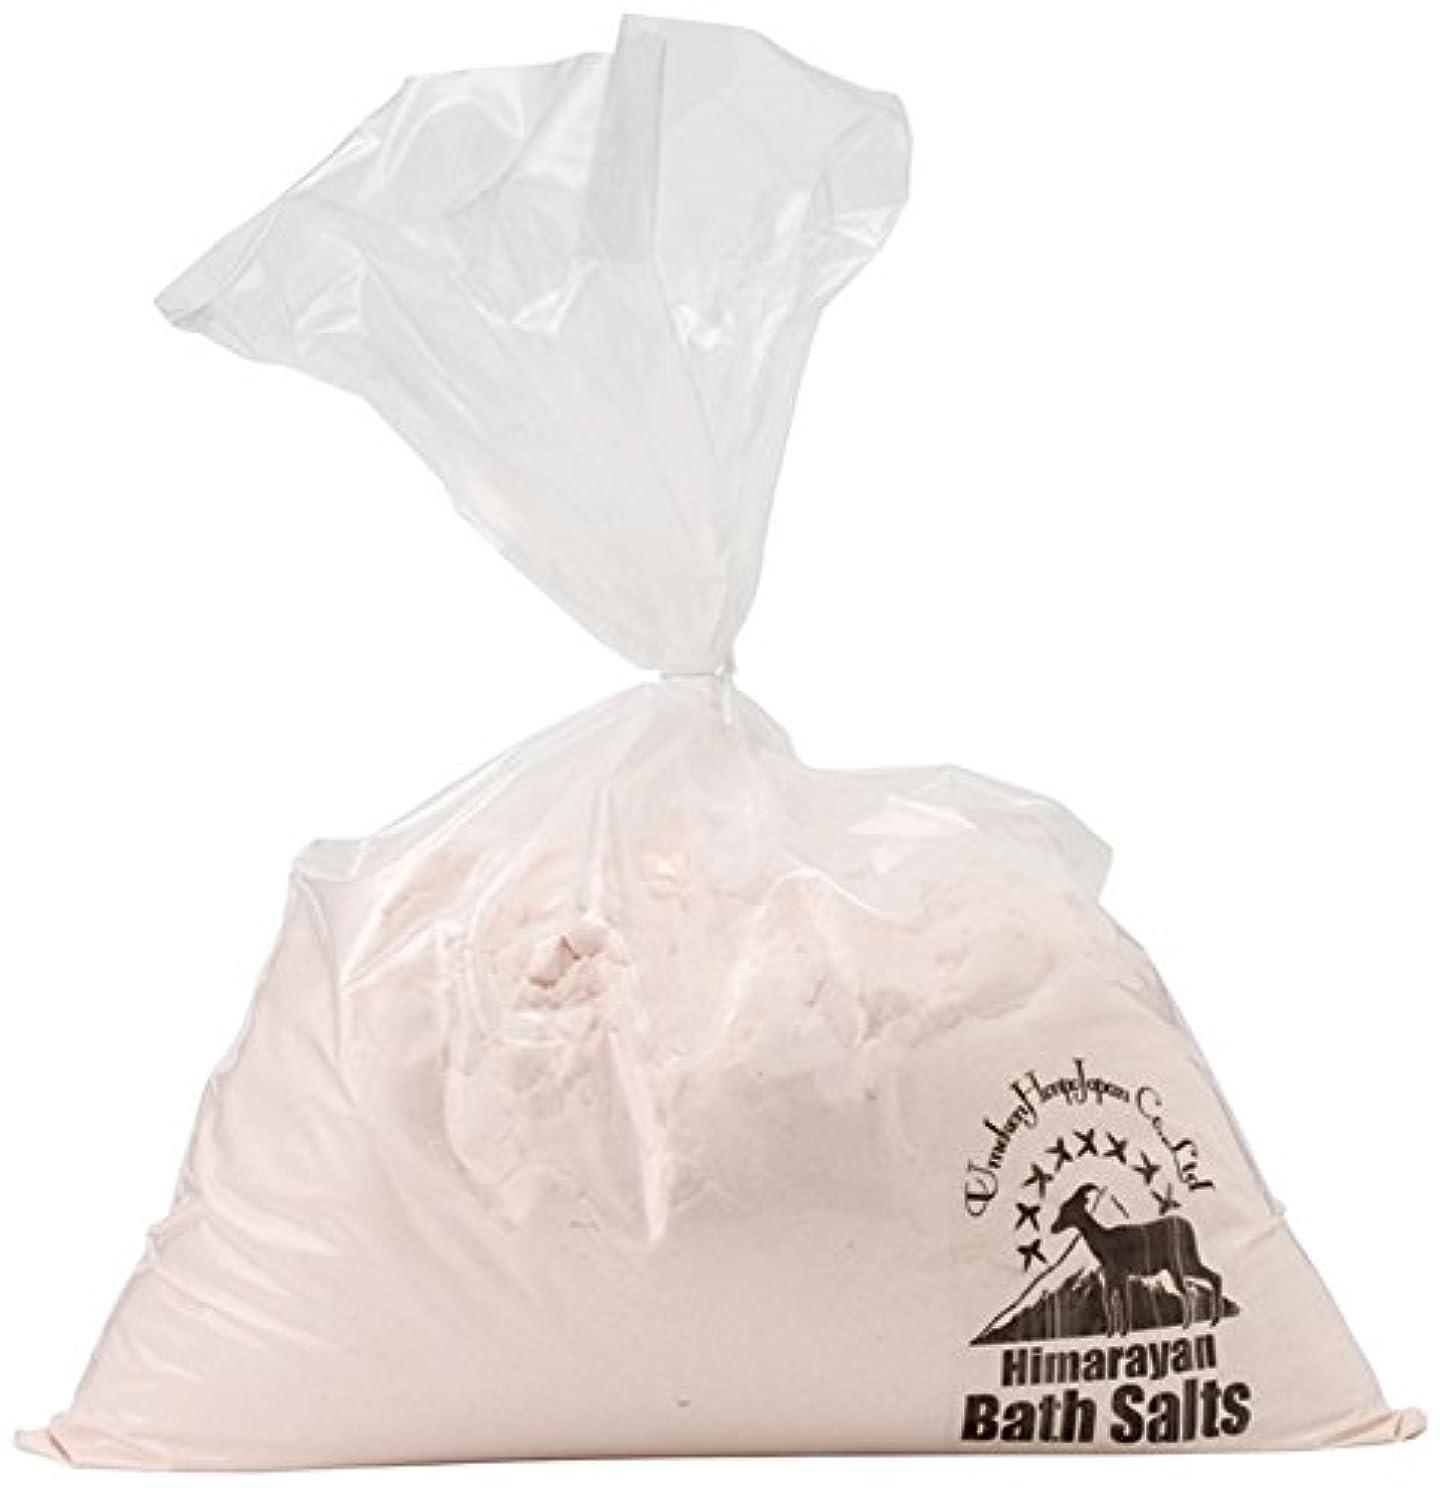 石化する頑張る汚物ヒマラヤ岩塩 バスソルト ピンク パウダー 5kg